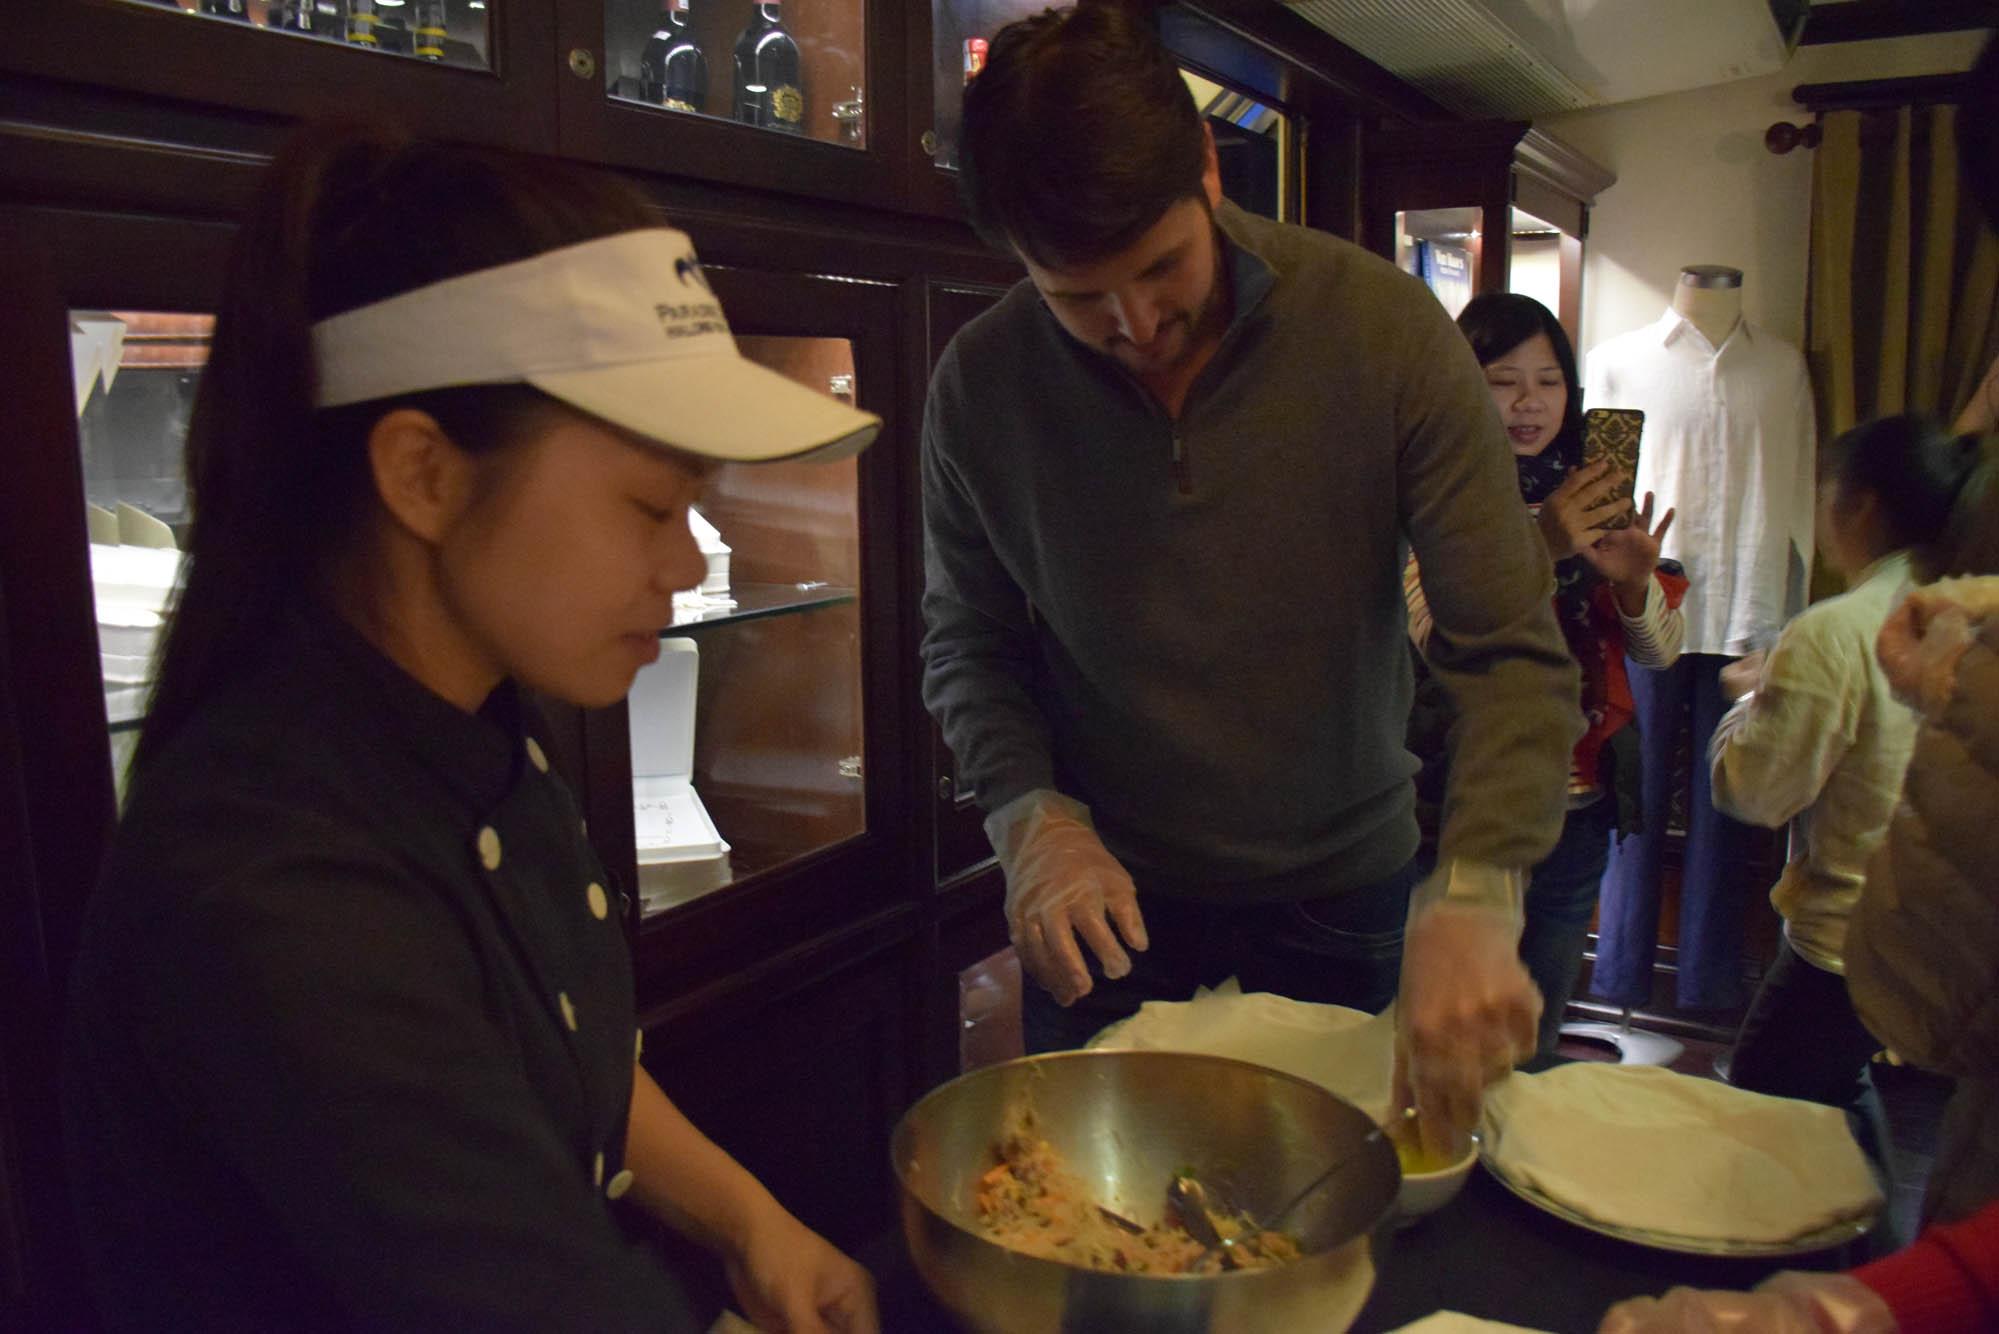 Aula de culinária no Paradise Luxury Cruise - aprendendo a fazer rolinhos de papel de arroz